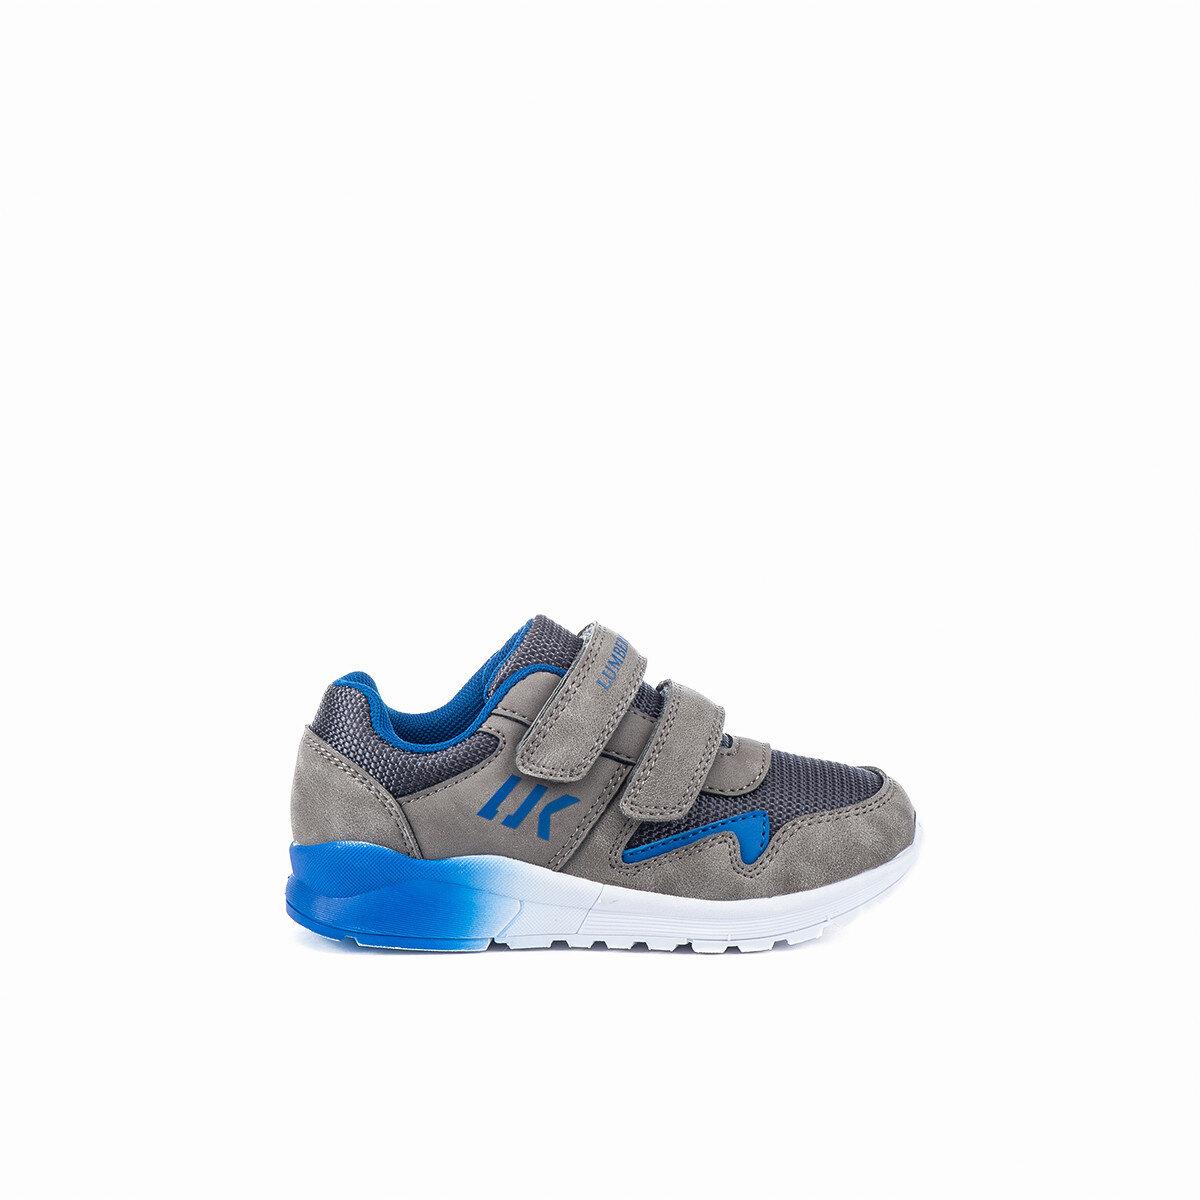 SWING Sneakers Bambino